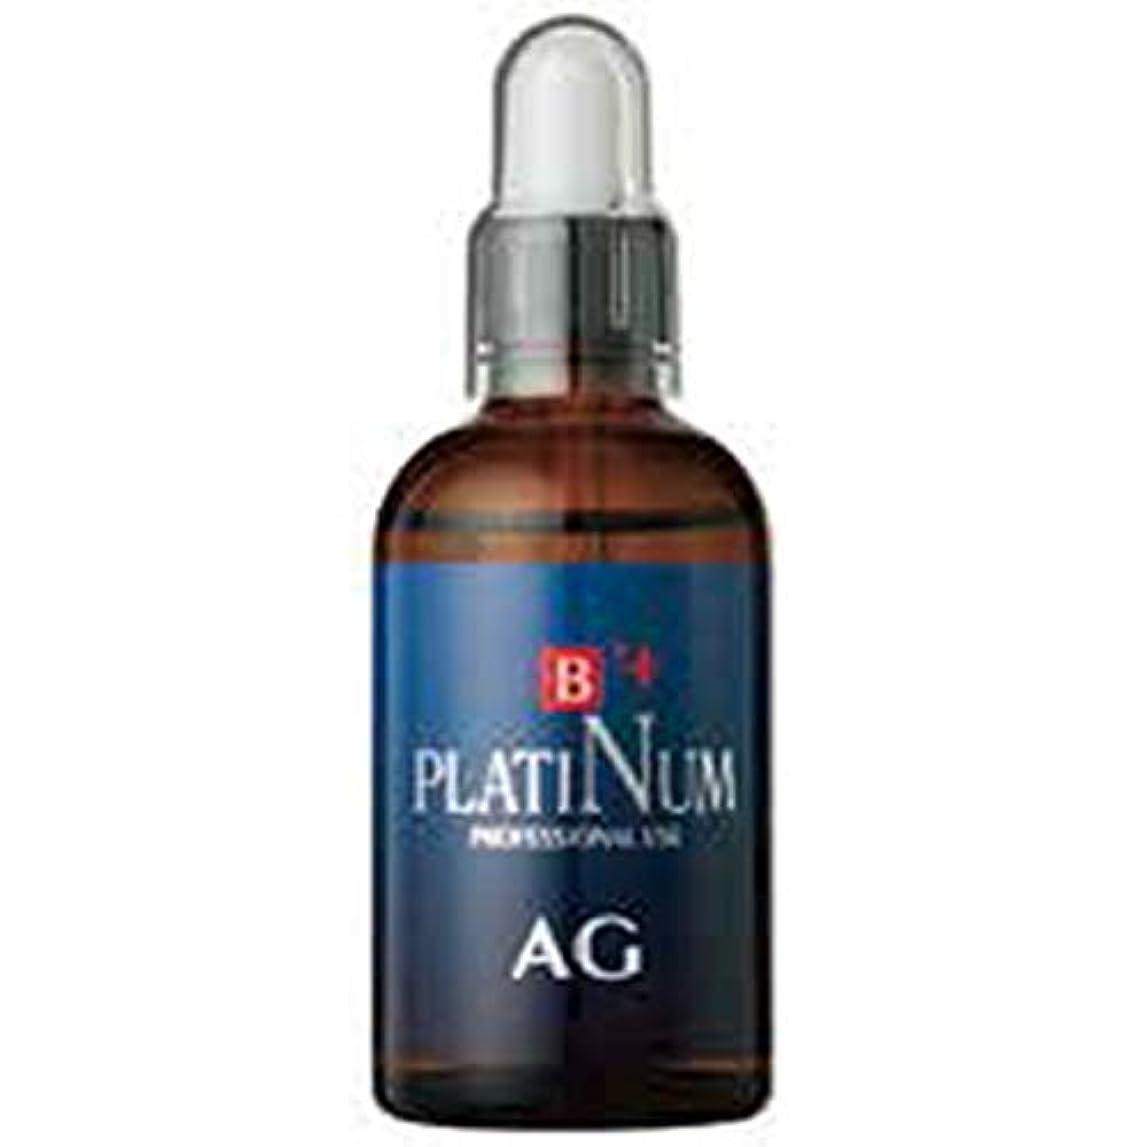 警告するラショナル瞳【ビューティー プラチナム】 PLATINUM B'+  アルジレリン16%(+シンーエイク配合 高濃度美容液)  リフトアップ専用:100ml